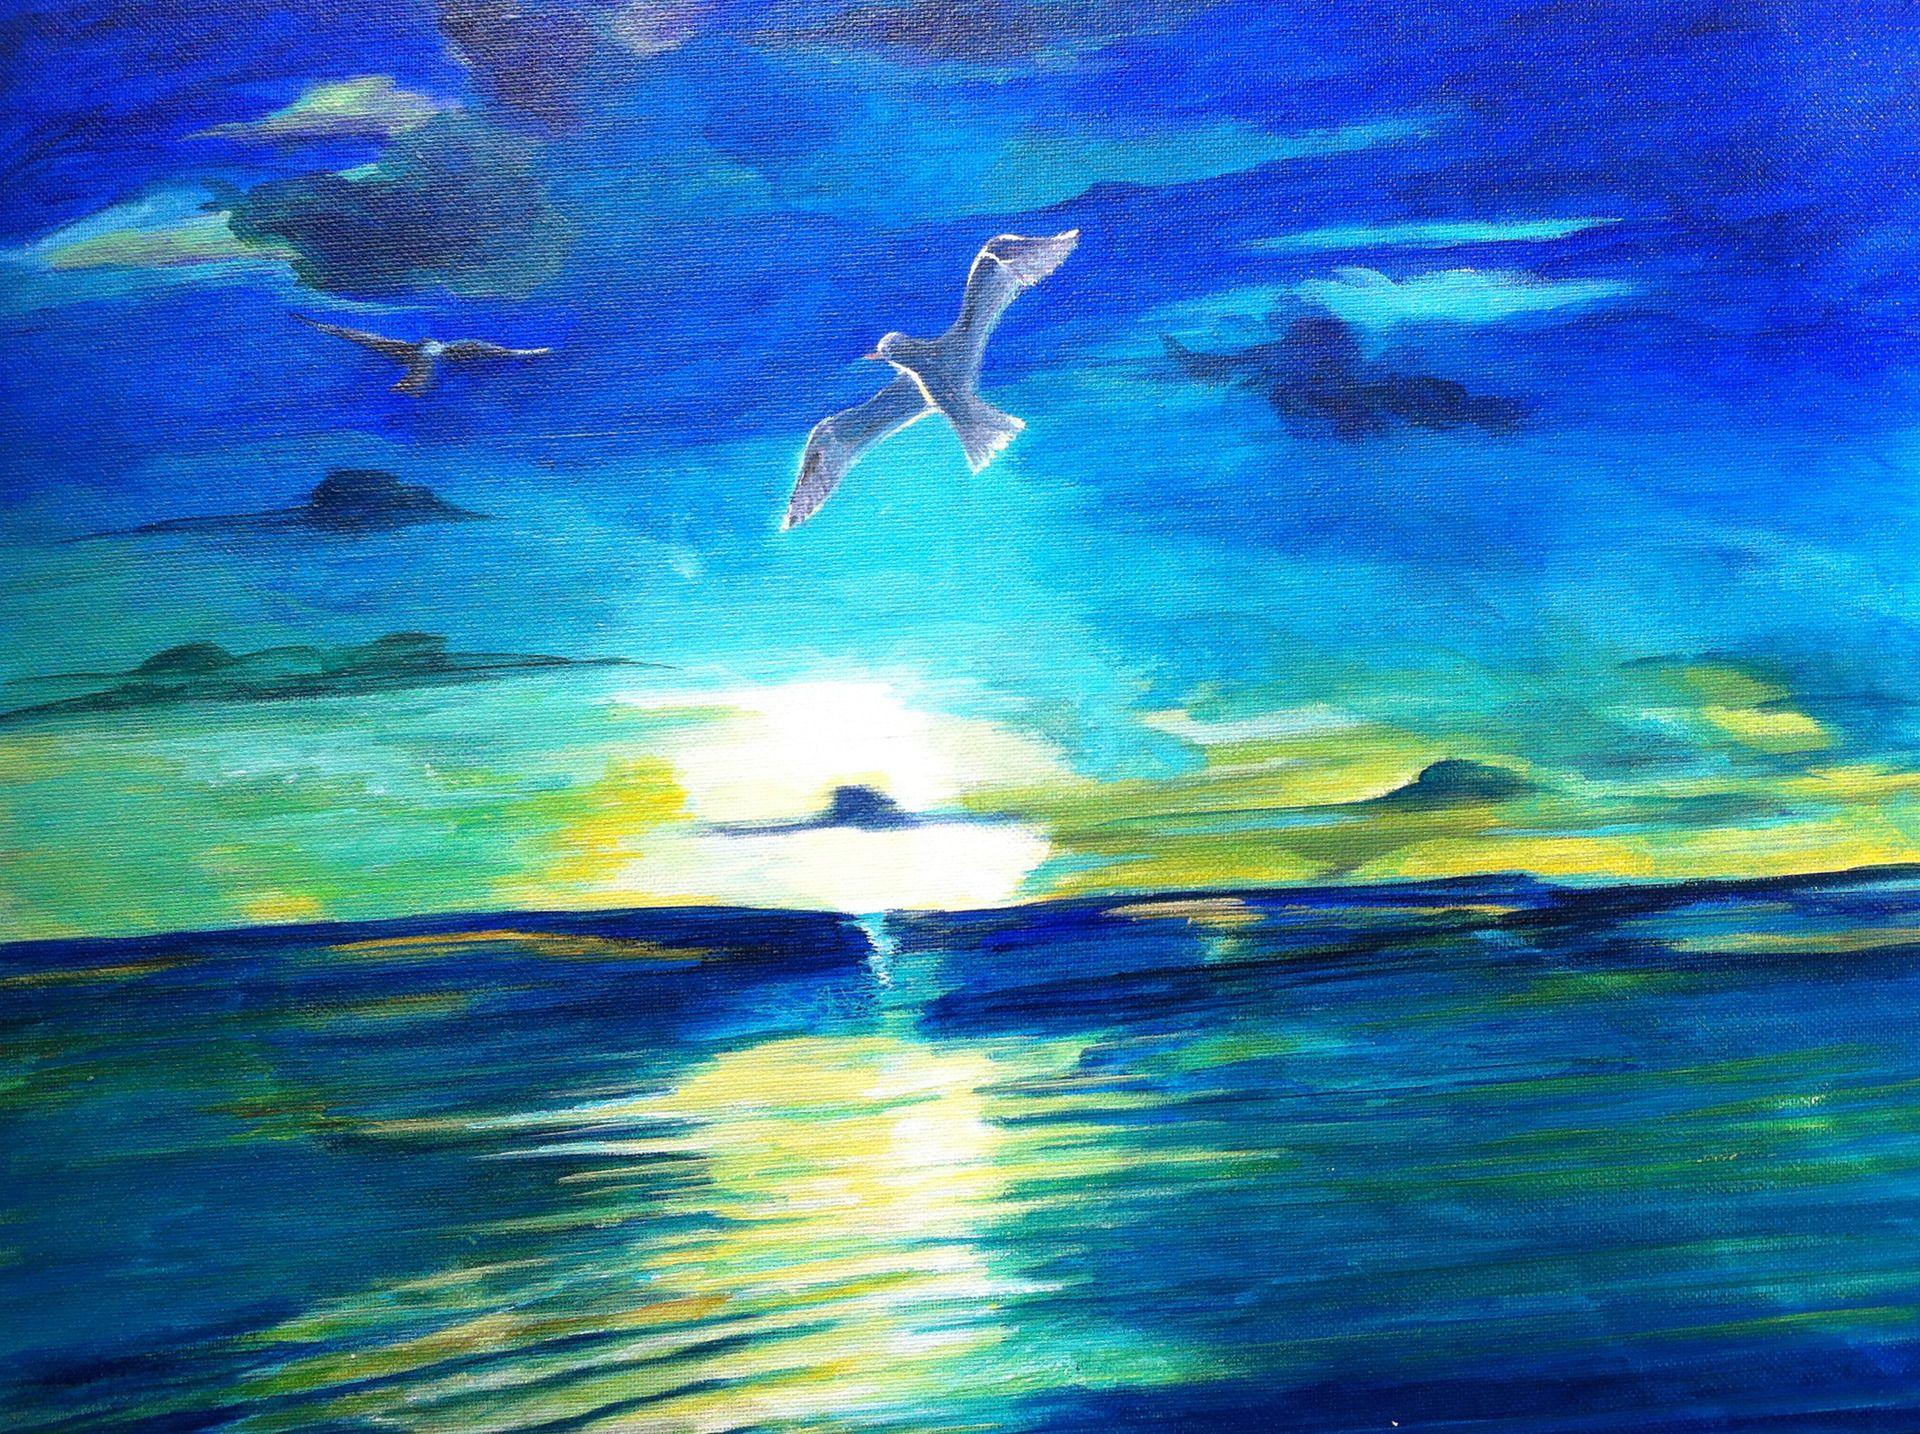 Paysage peinture acrylique soleil de mer 2 peintures for Peinture peinture